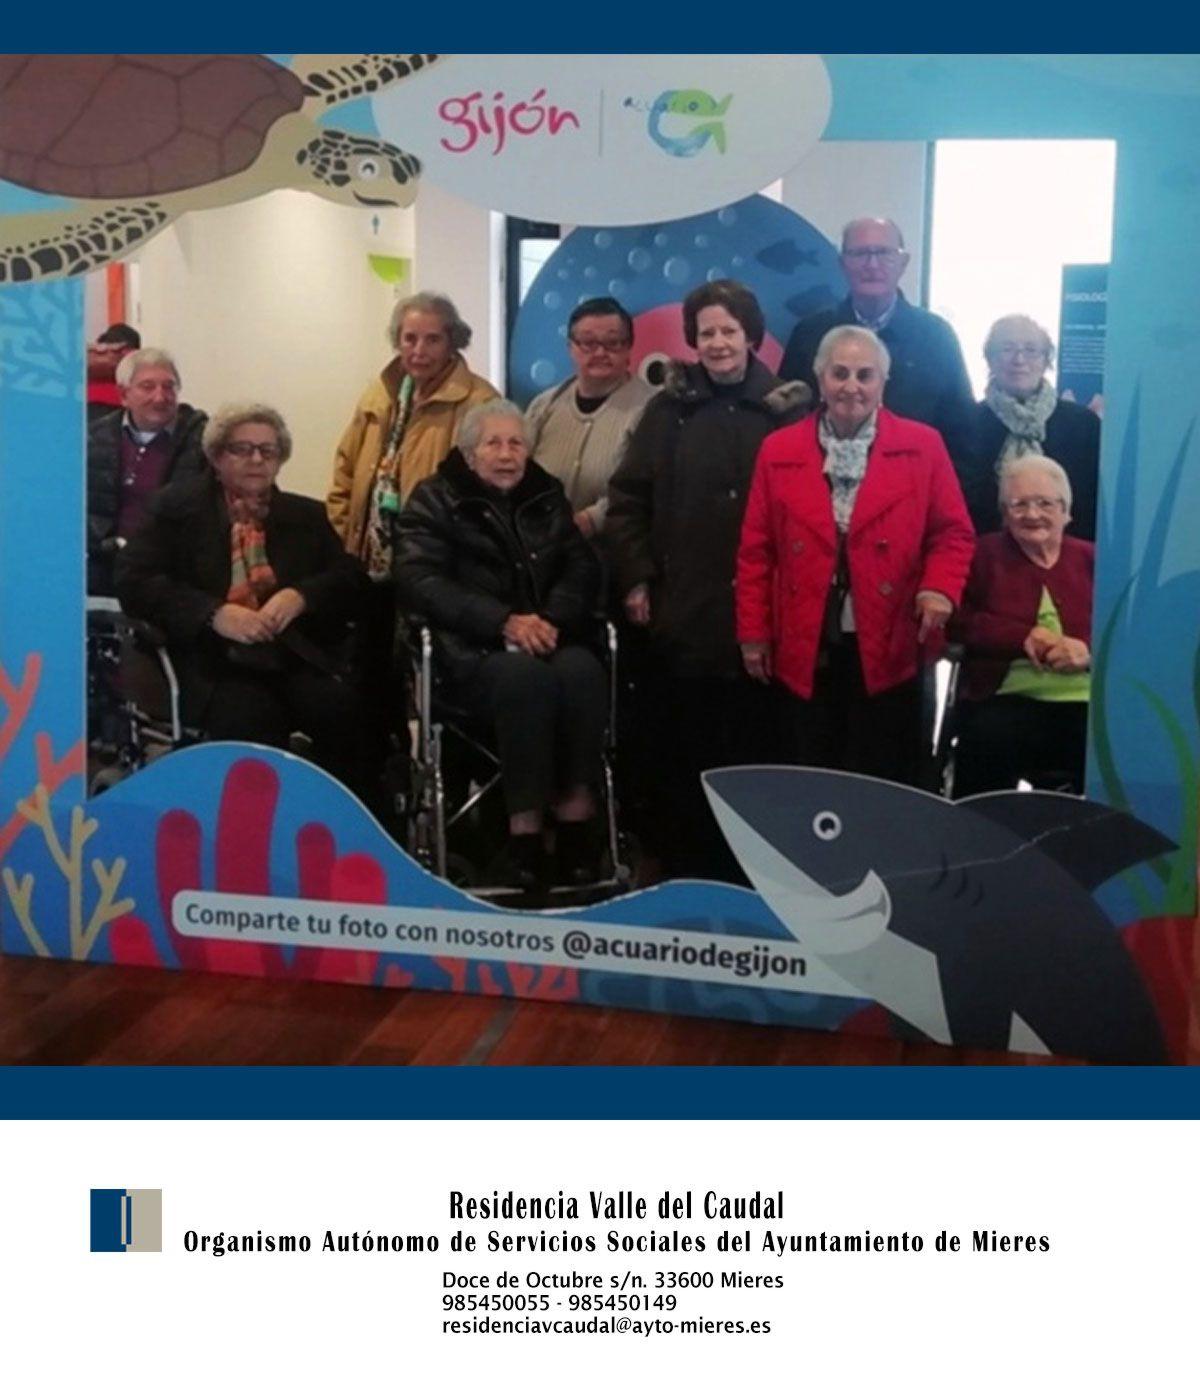 Excursion Acuario De Gijón 2019 Residencia